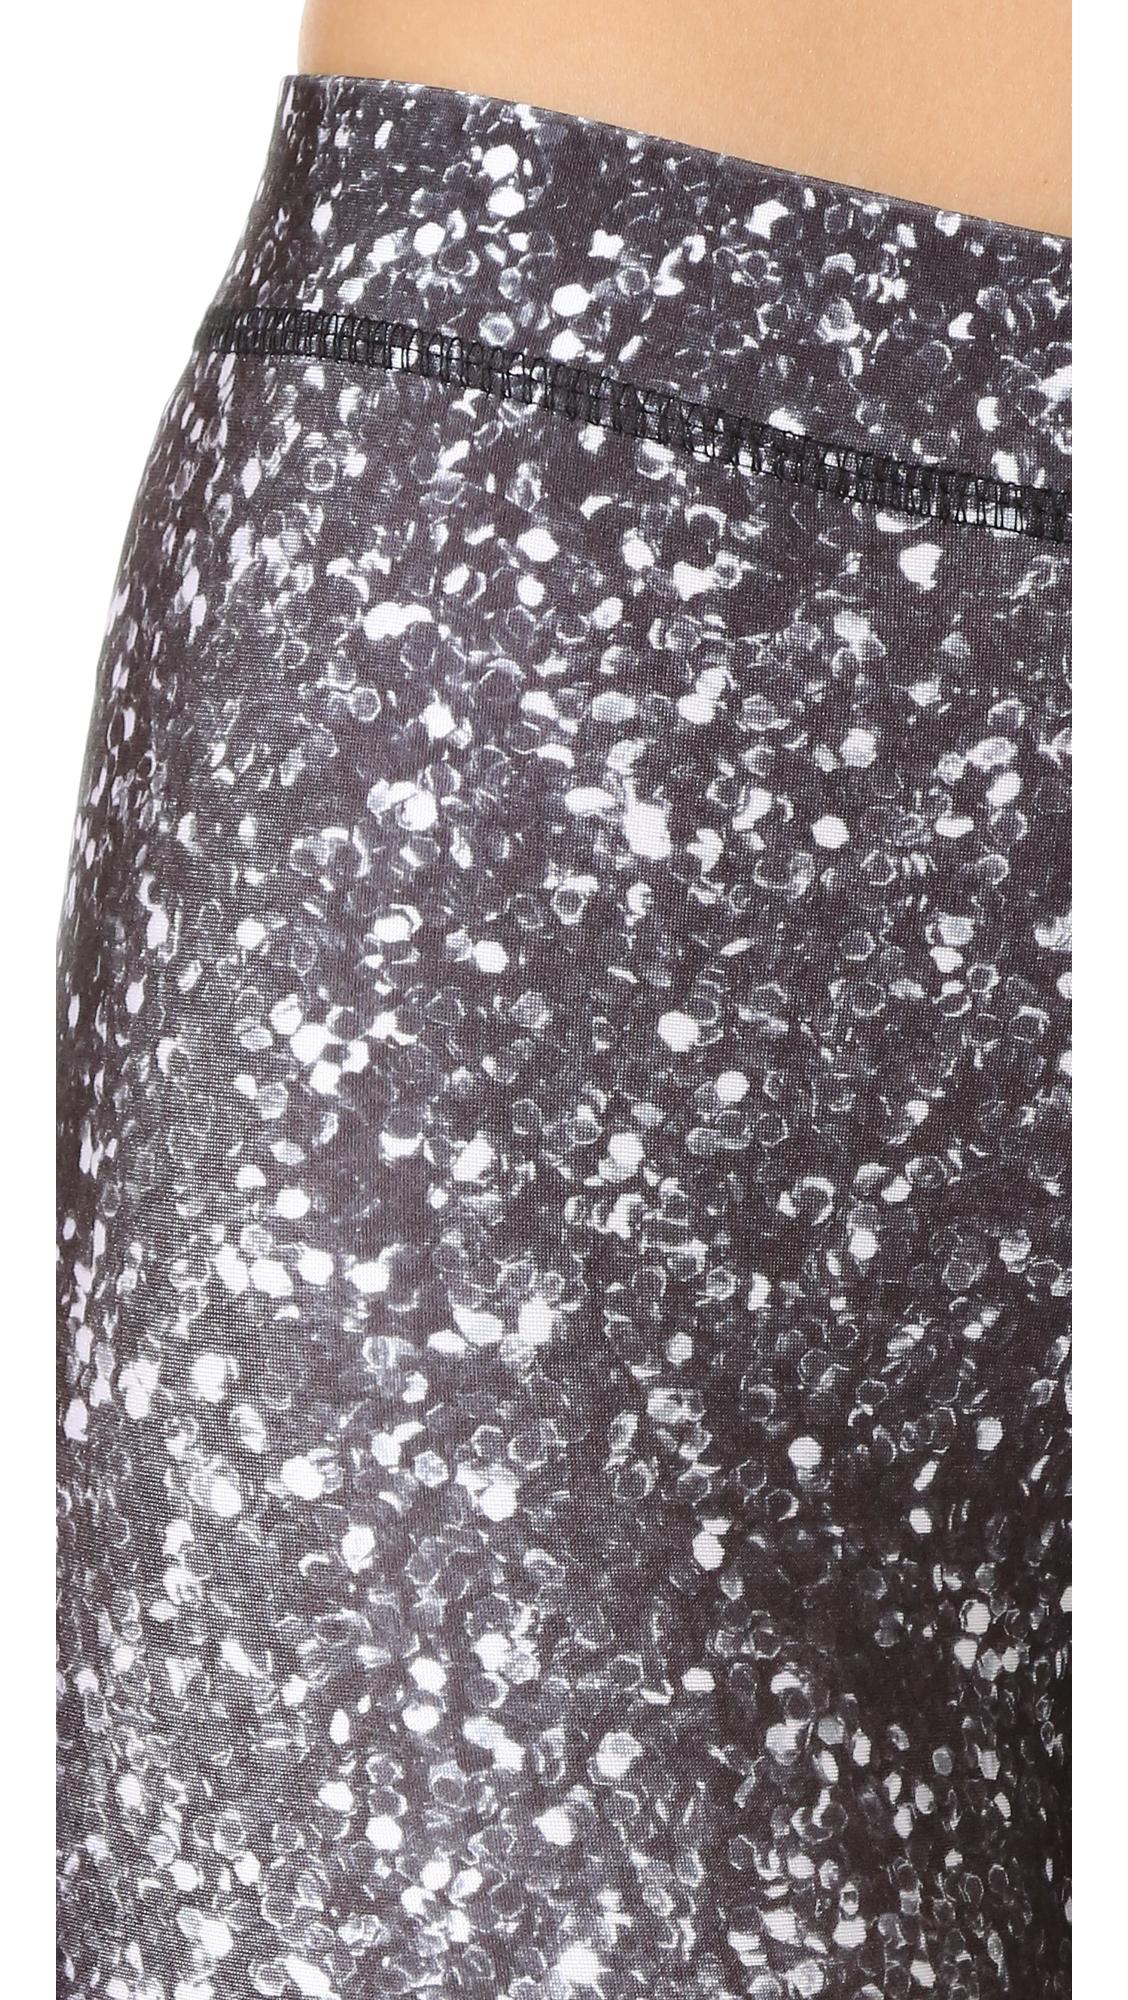 Black & White Glitter Performance Leggings